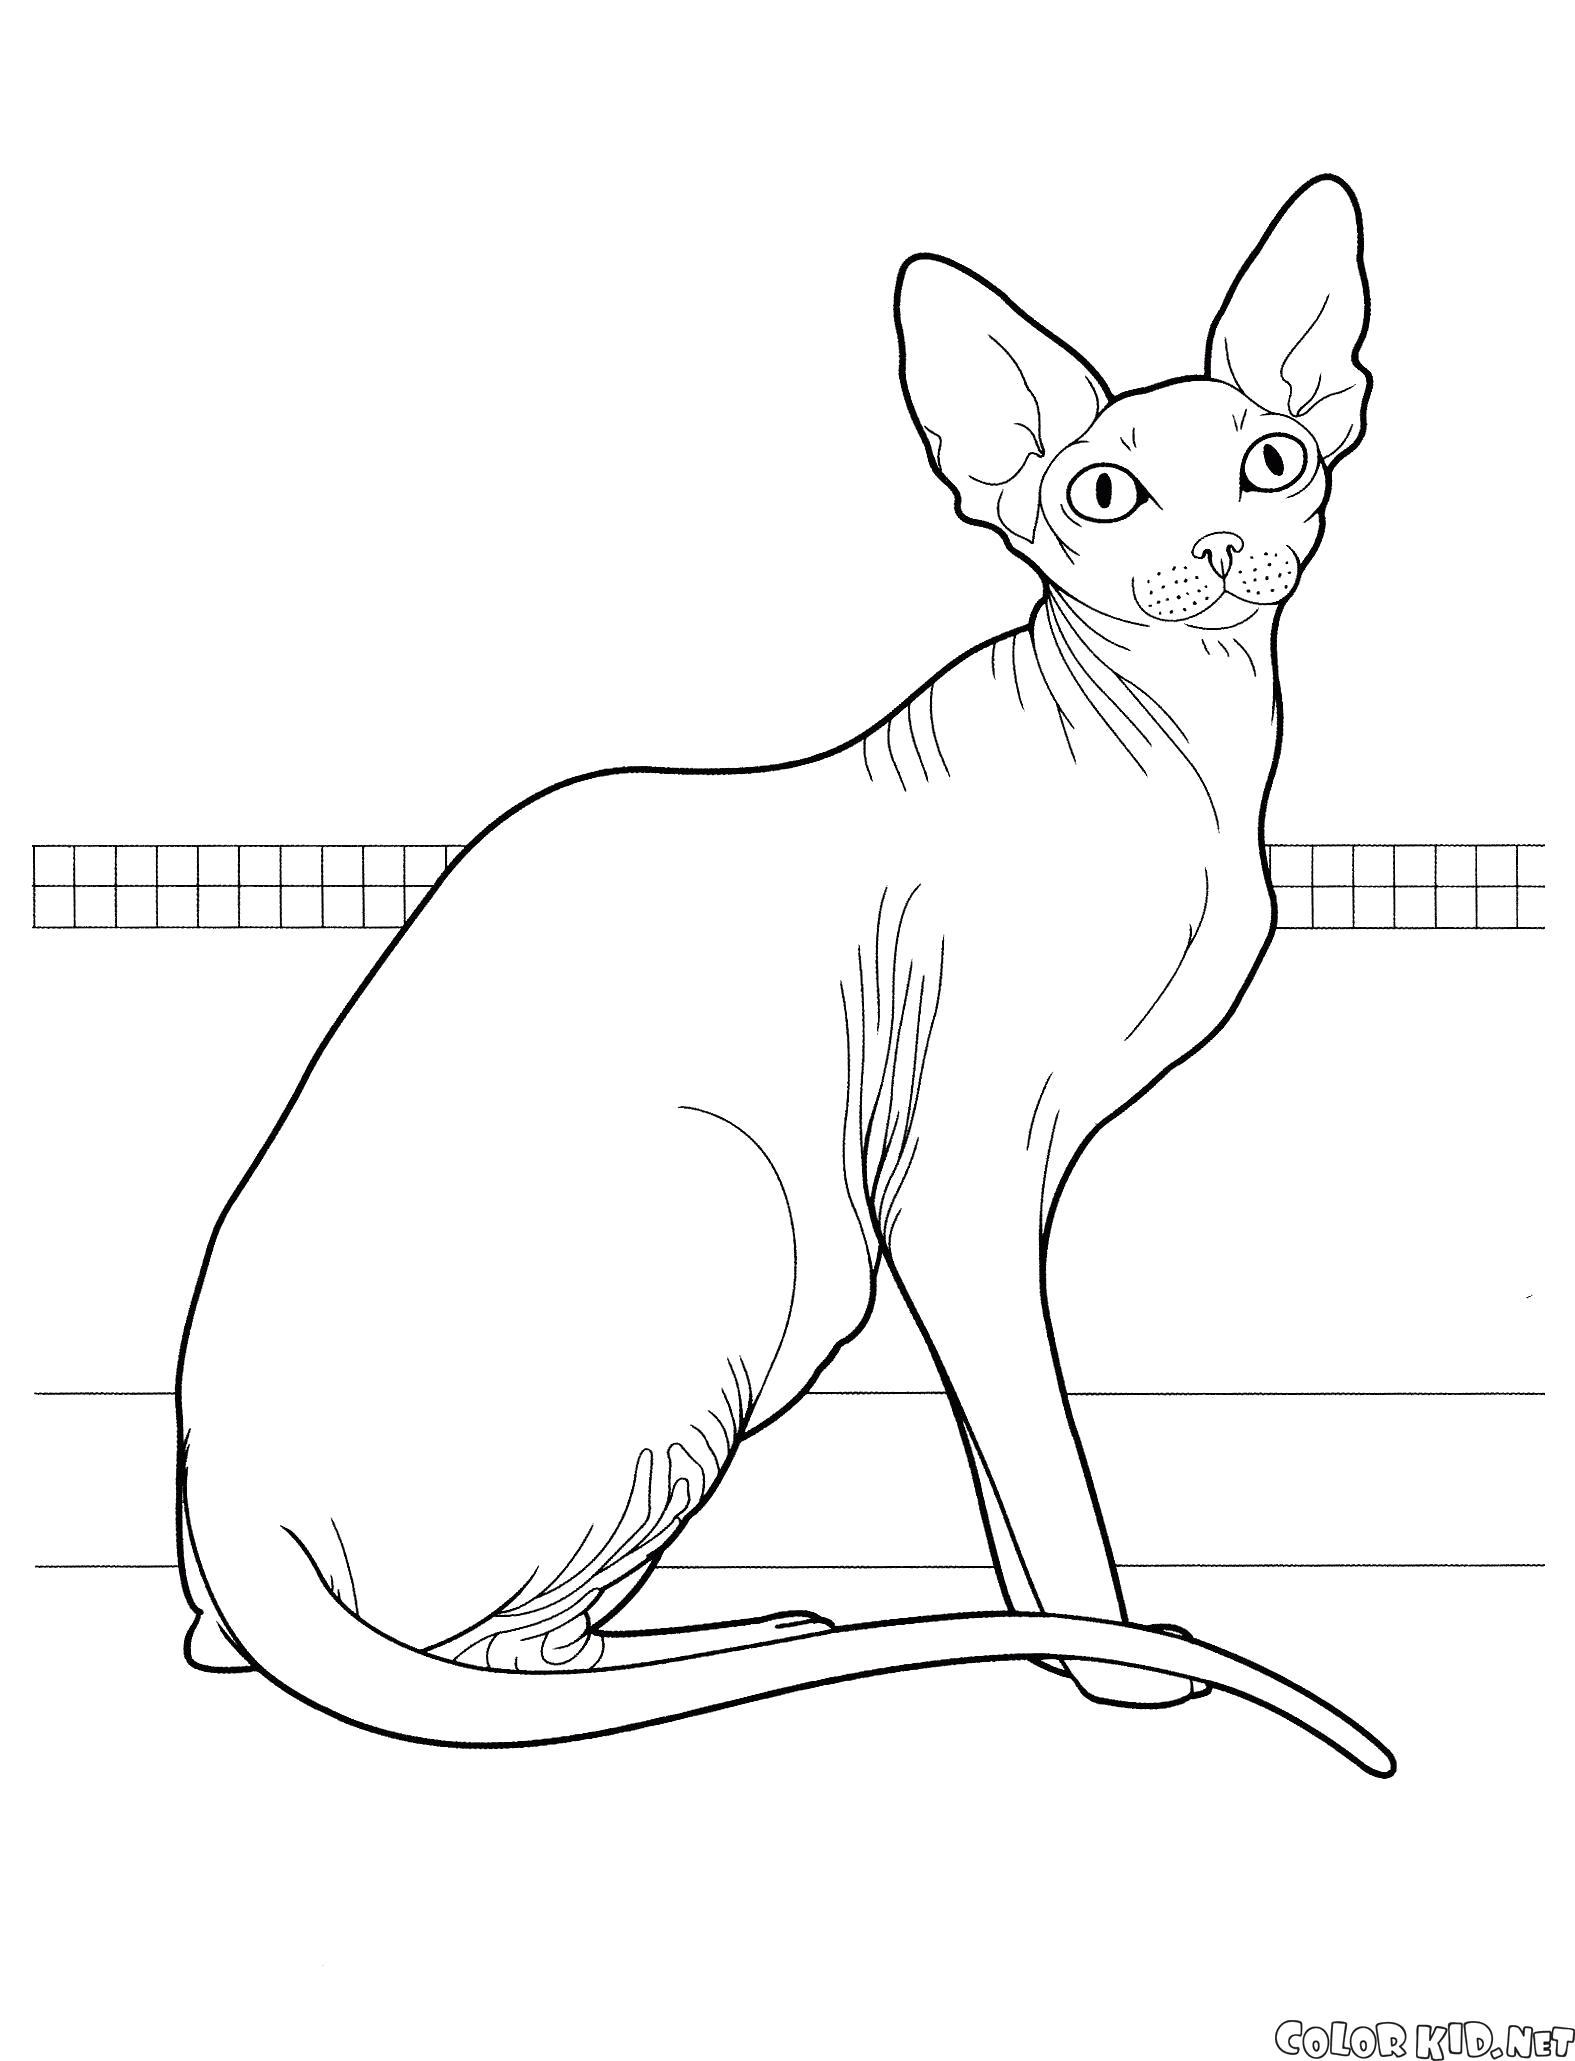 Название: Раскраска Канадский сфинкс. Категория: кошка. Теги: кошка.